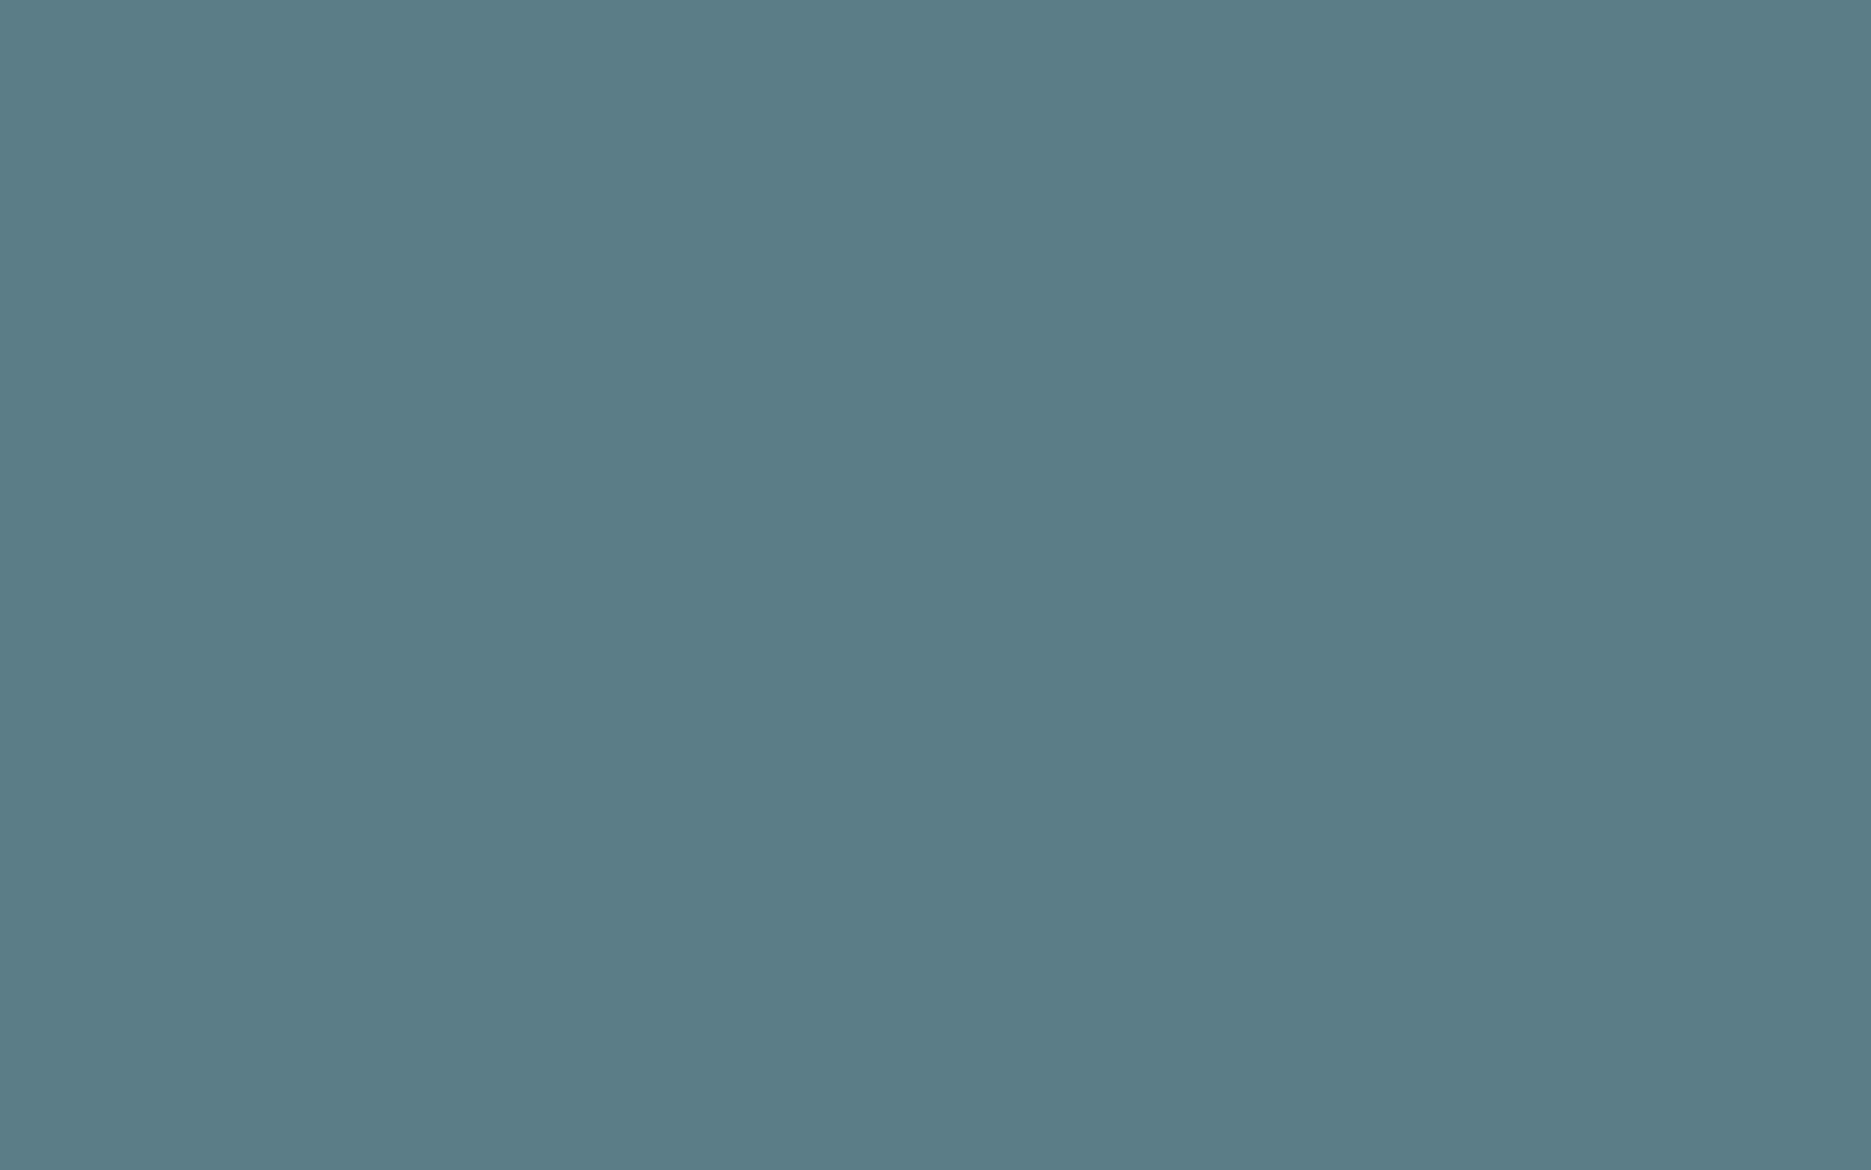 TasteDUBLIN-2019-SQUARE